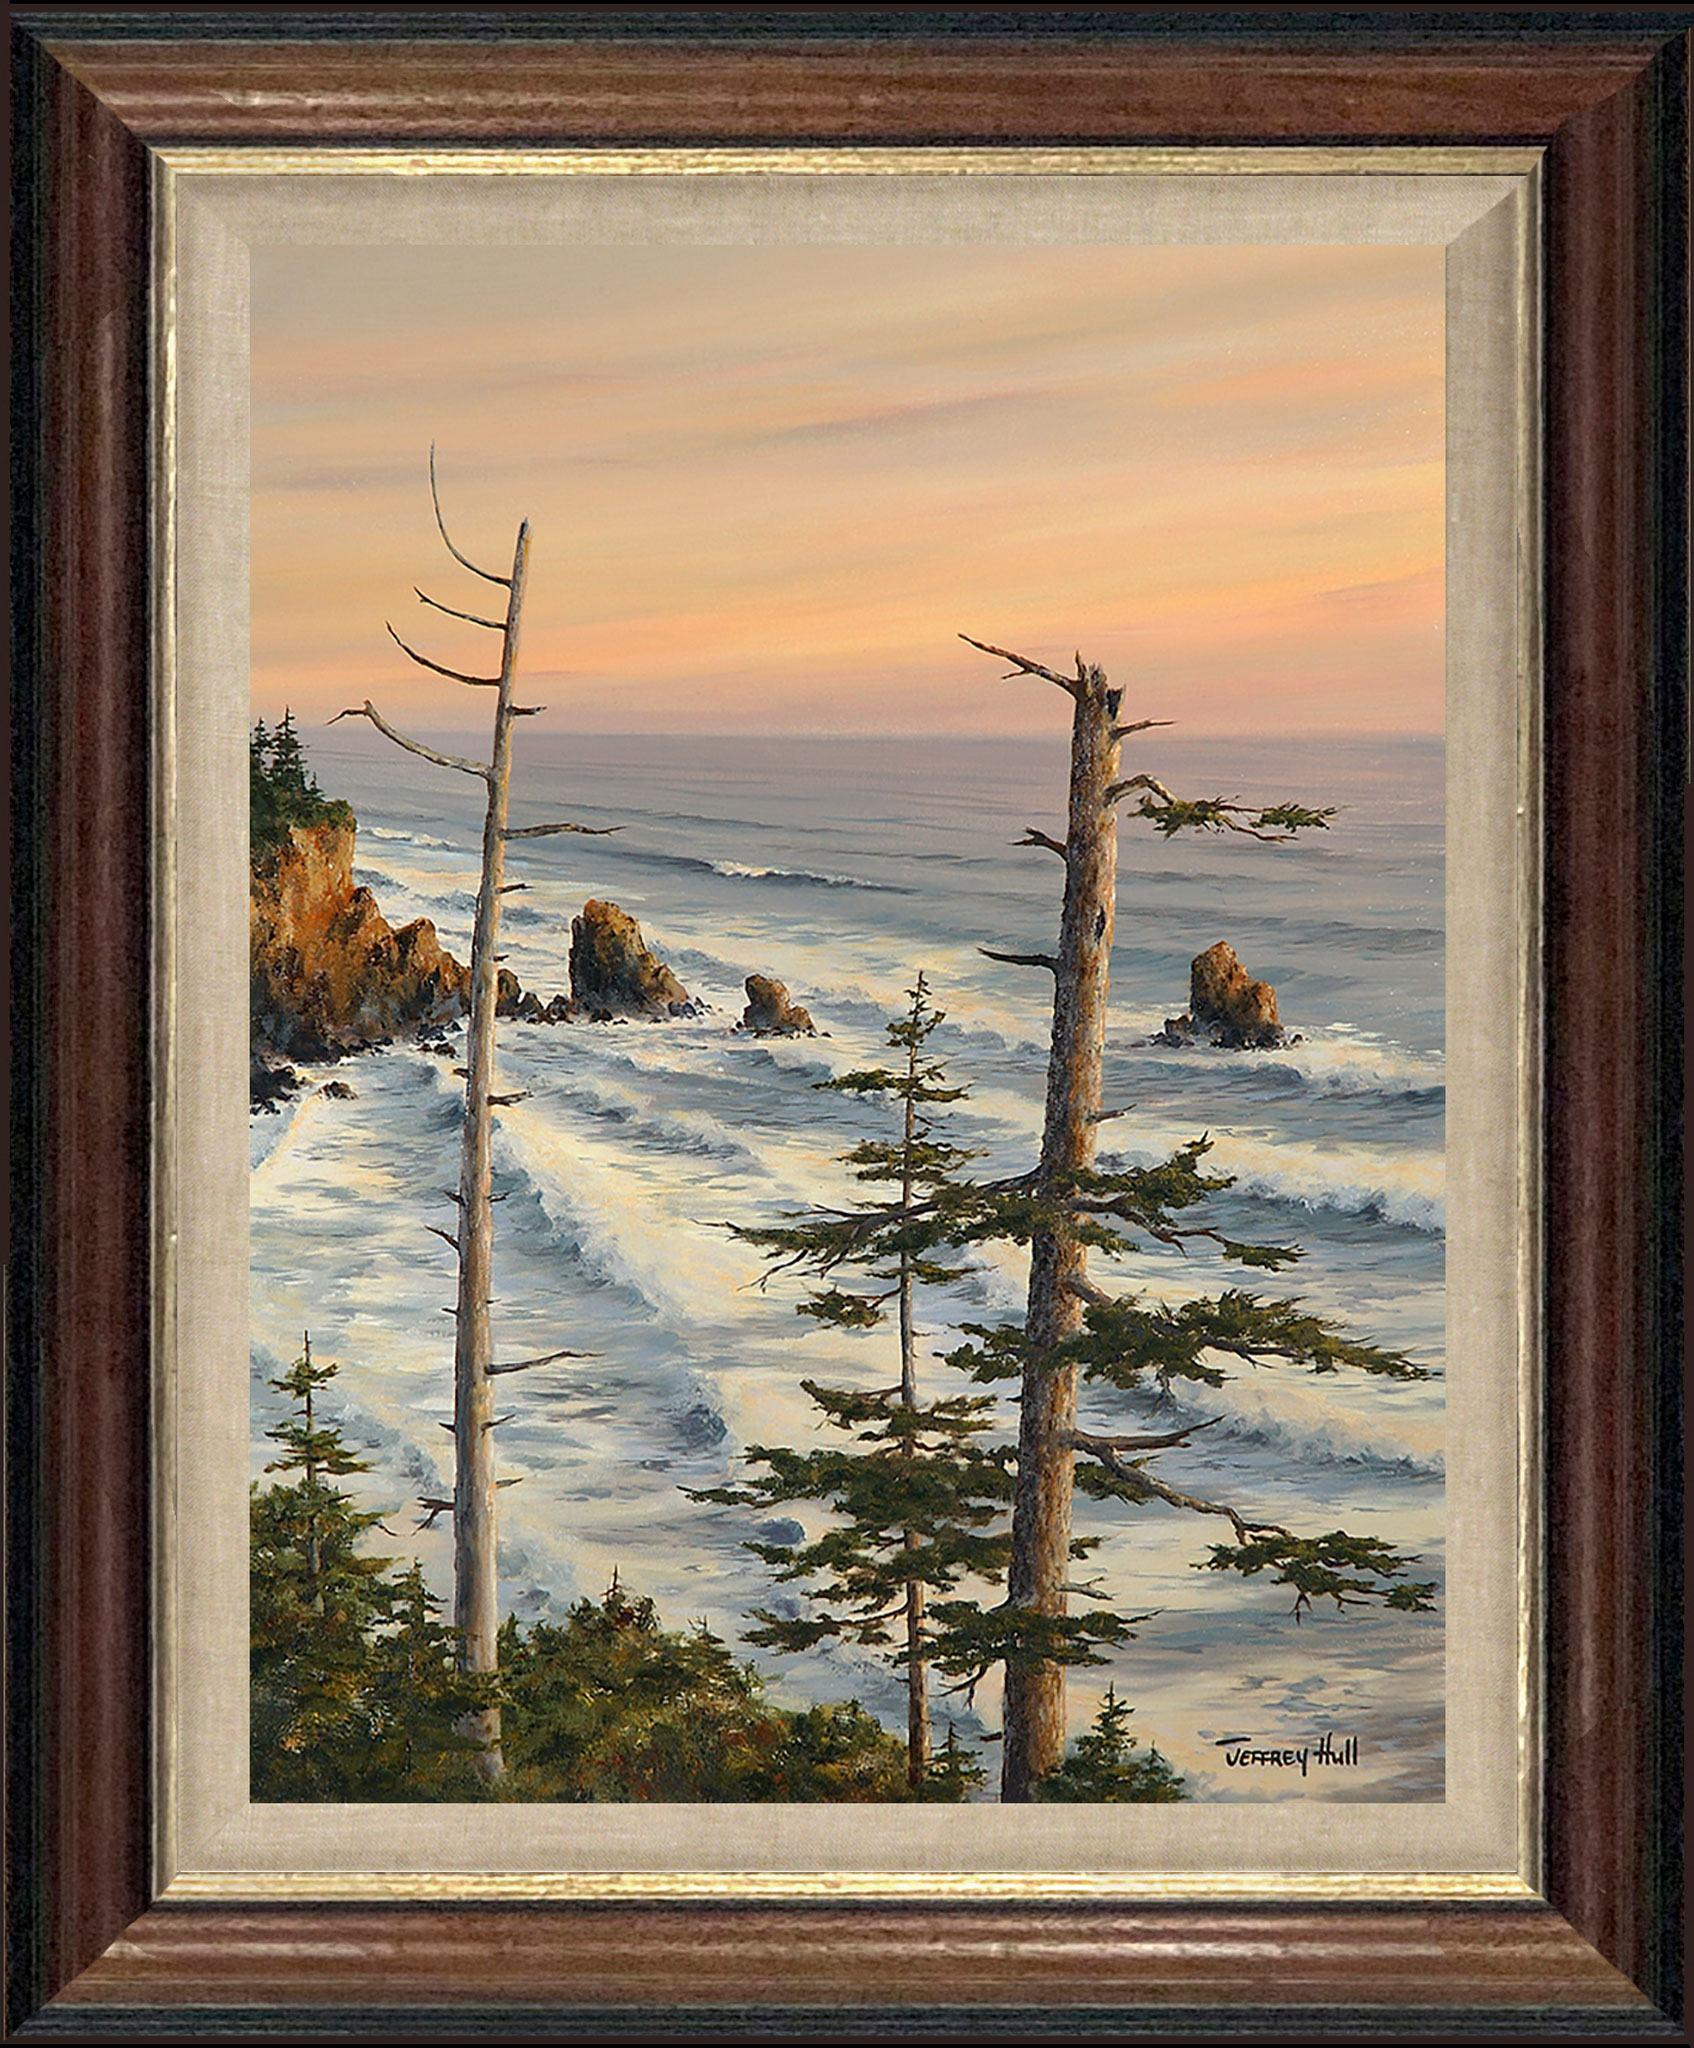 Sunset-Cliffs-OpenEd-Malabar-Natural-Liner-4-Website-2021